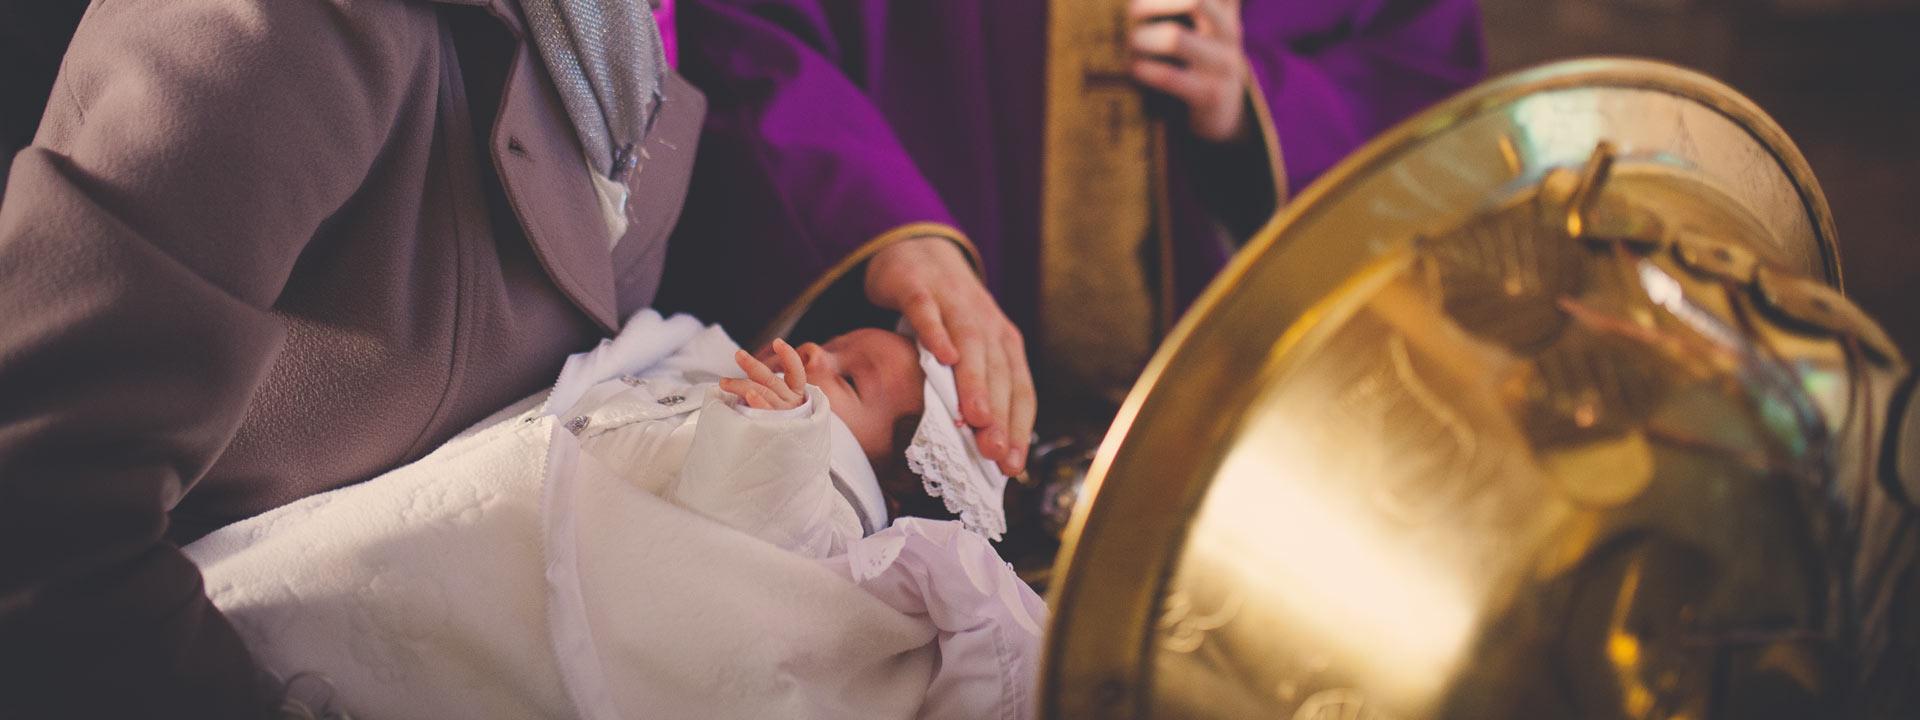 Zdjęcia z chrztu dziecko w trakcie sakramentu